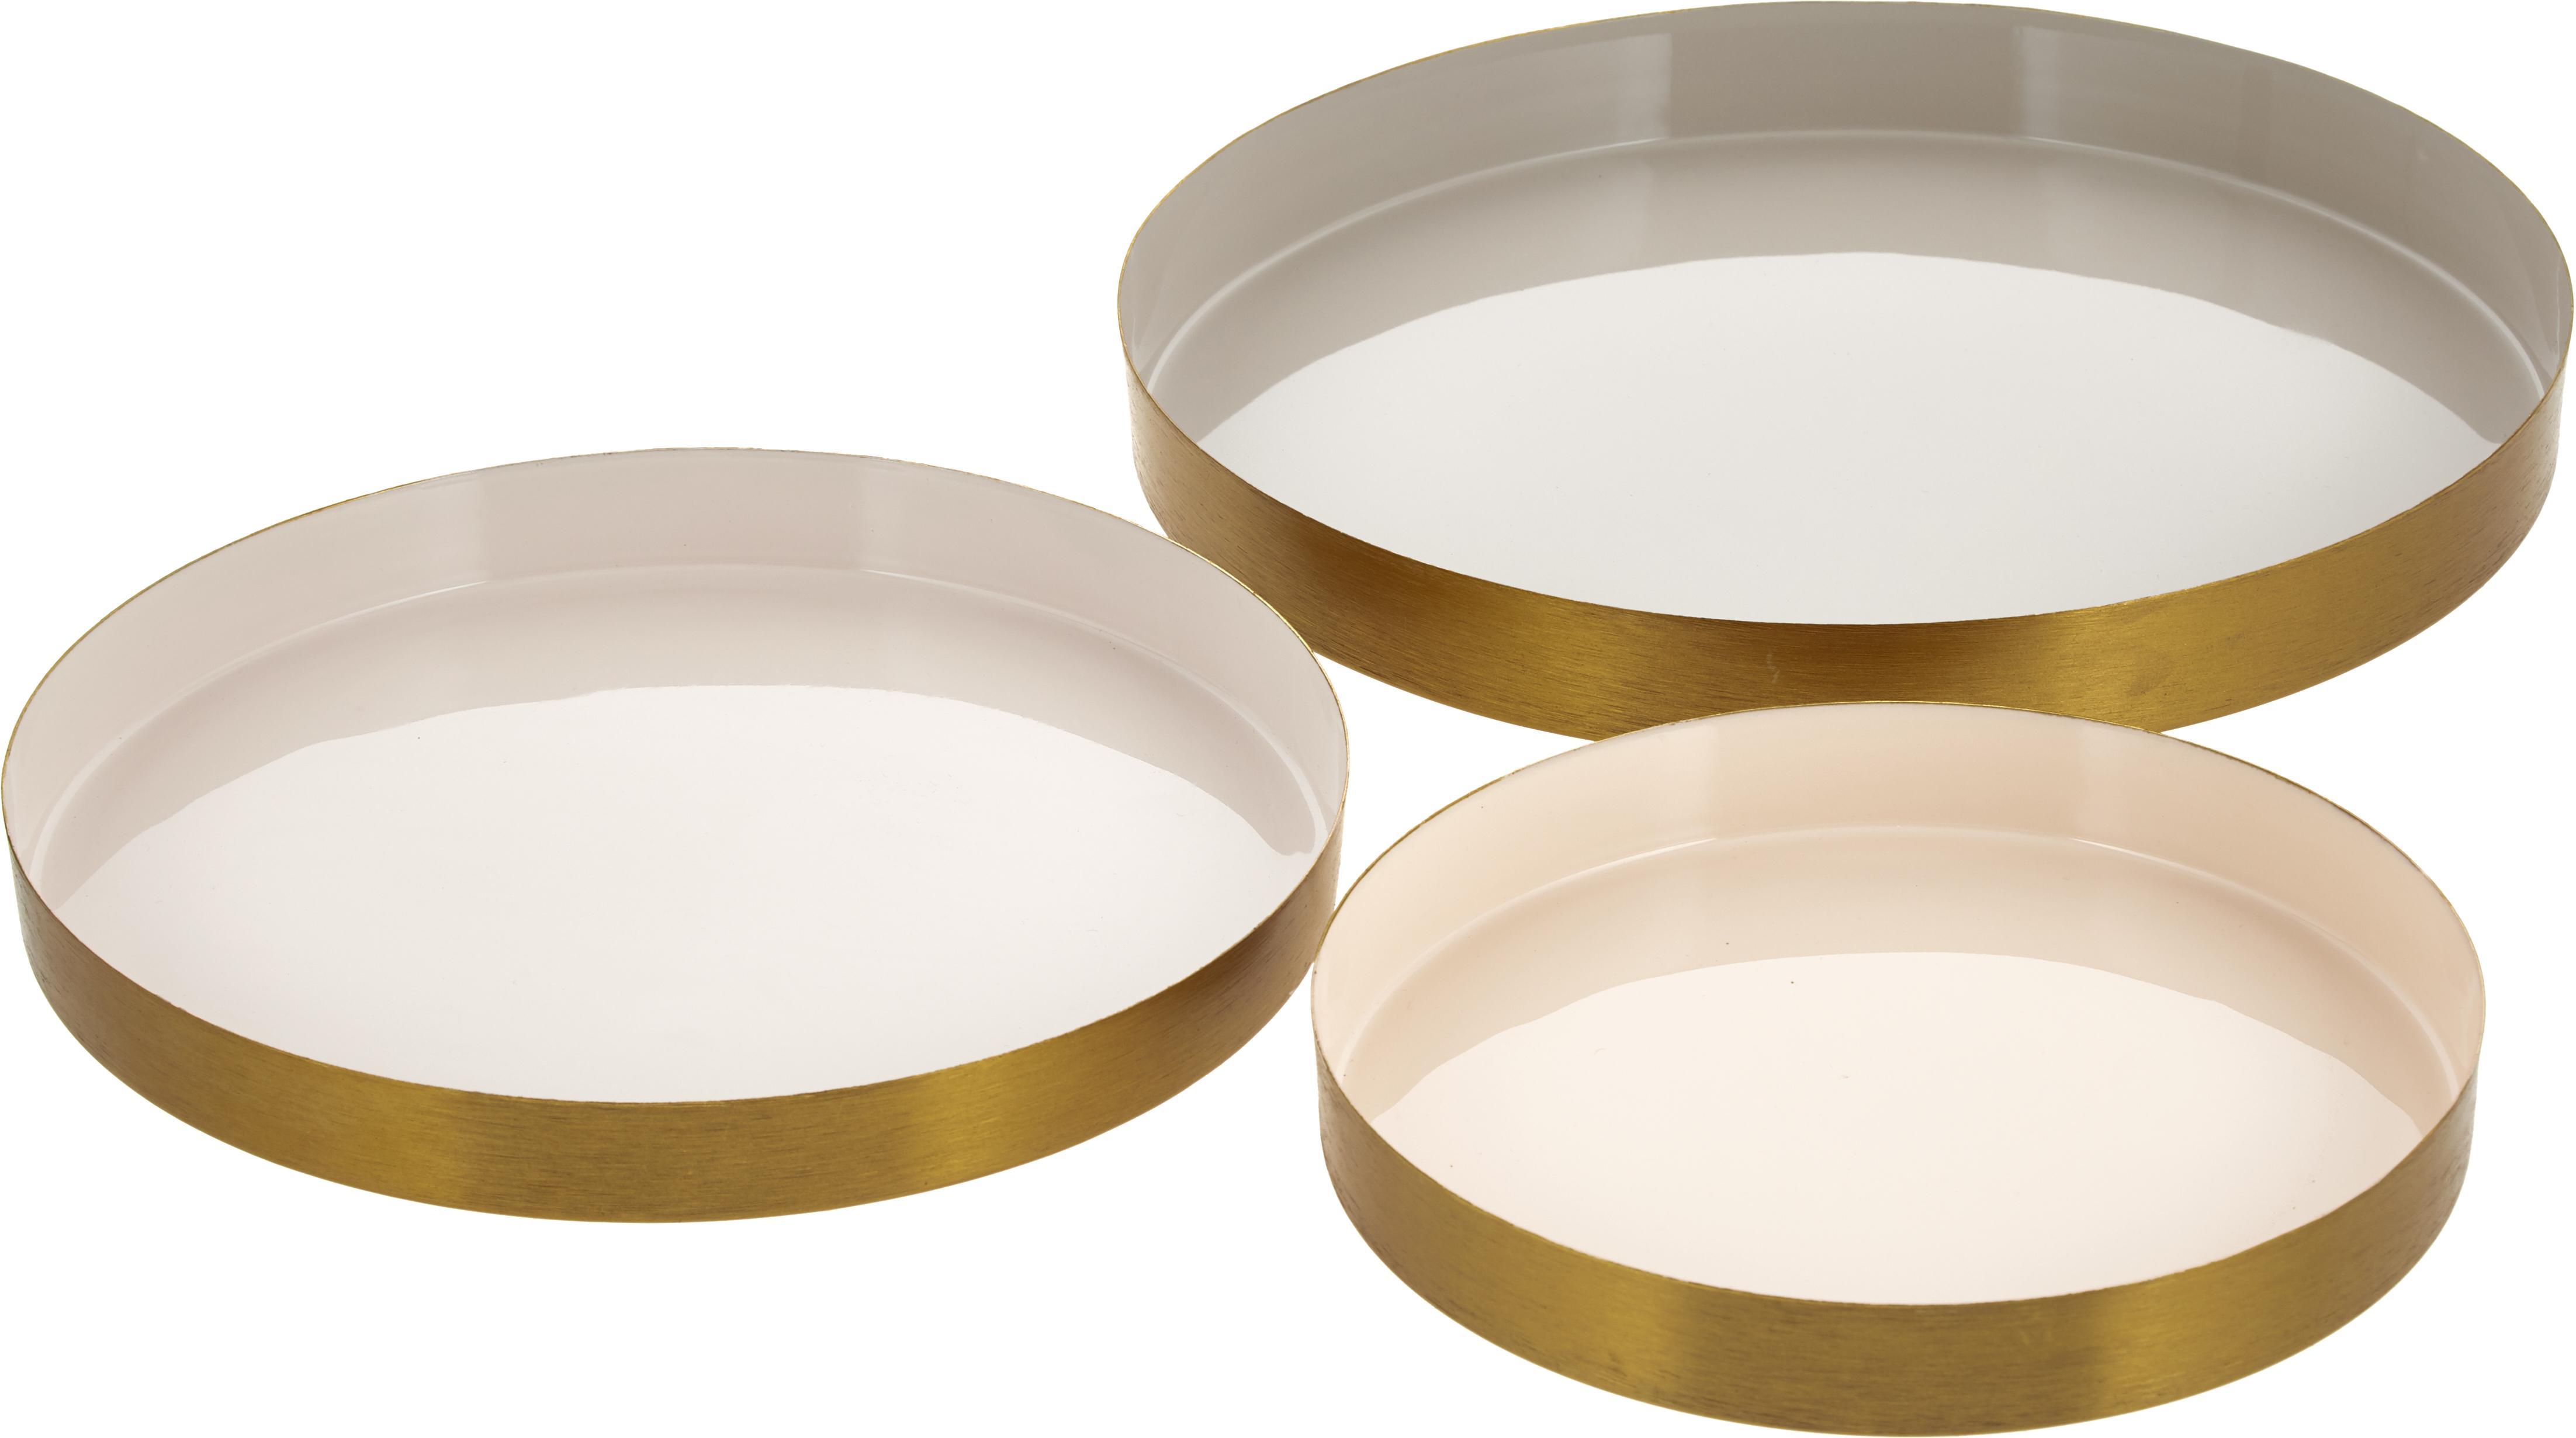 Komplet tac dekoracyjnych Ayra, 3 elem., Metal lakierowany, Szary, beżowy, biały Zewnętrzna krawędź: odcienie złotego, Komplet z różnymi rozmiarami